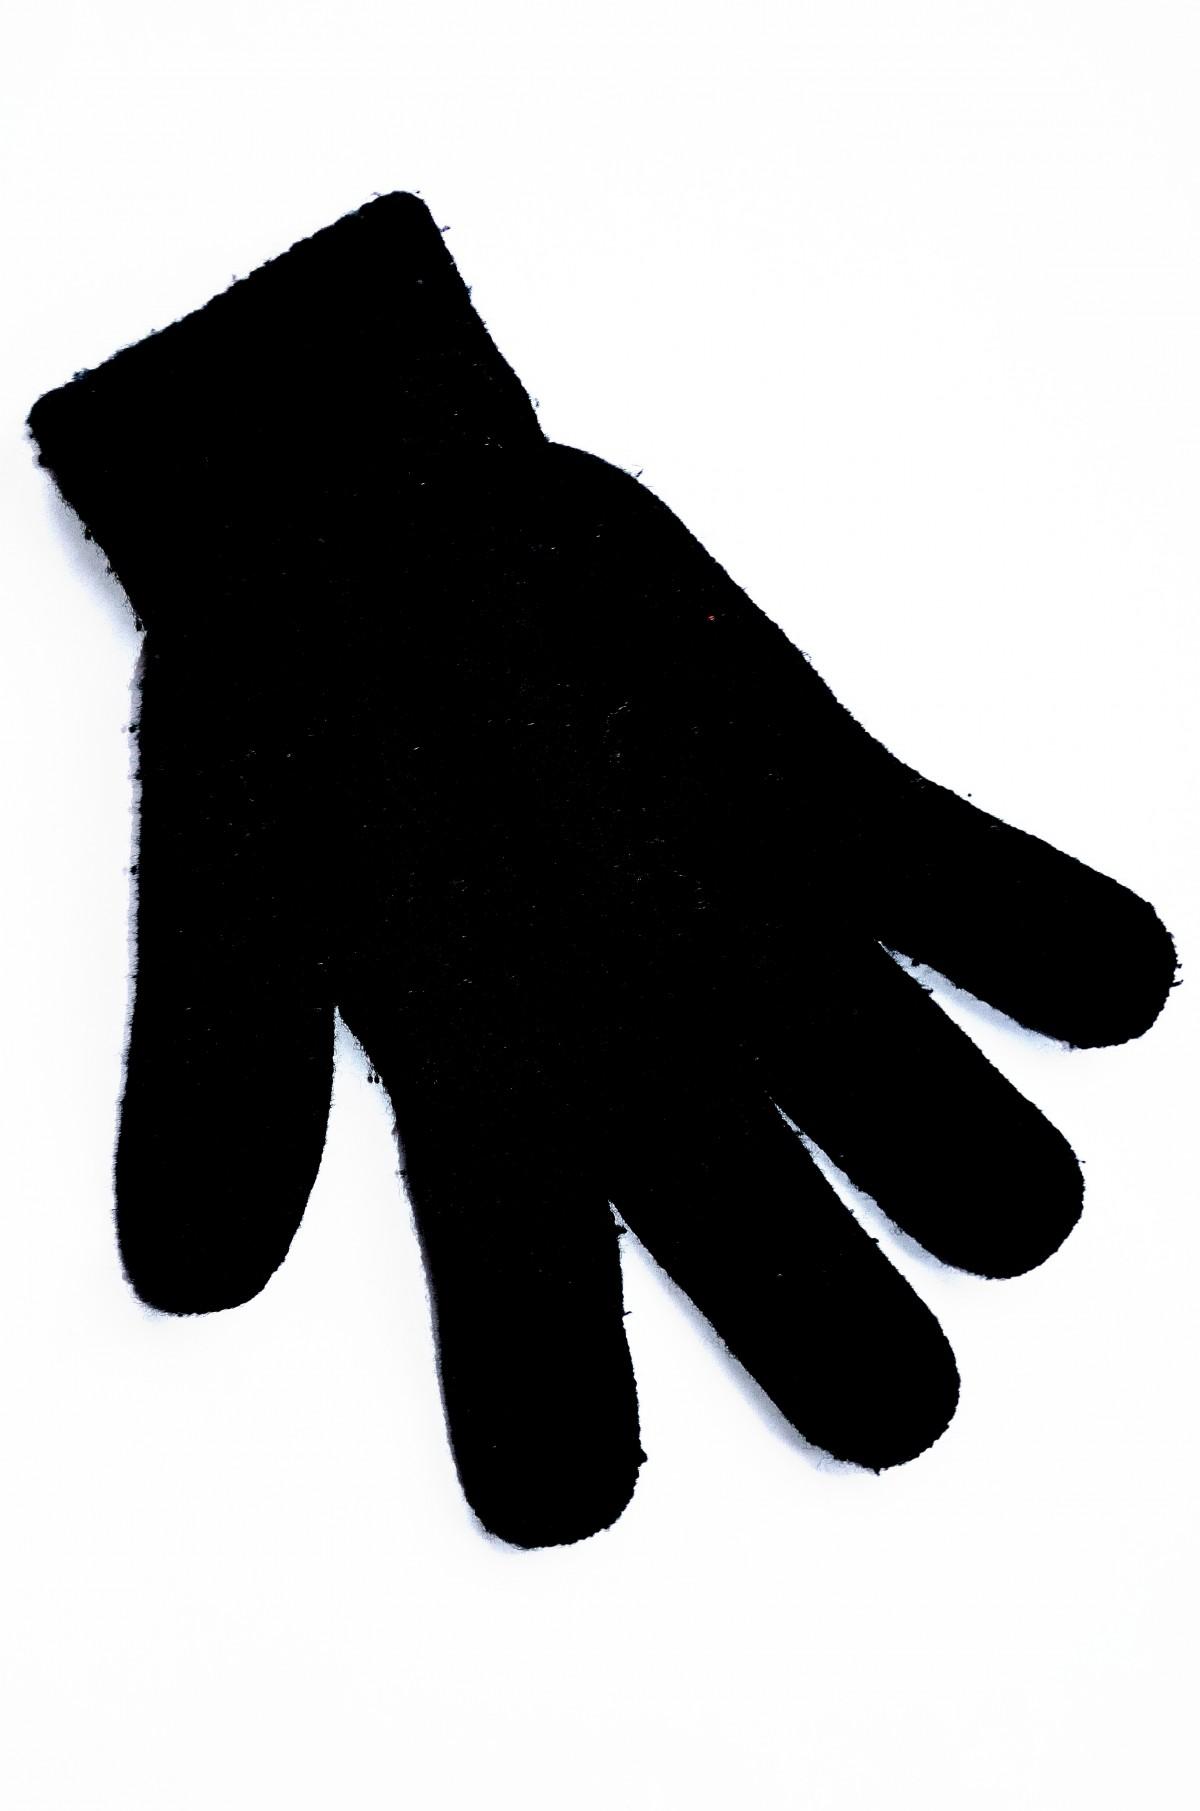 картинка черно белая перчатки обладают отличным слухом